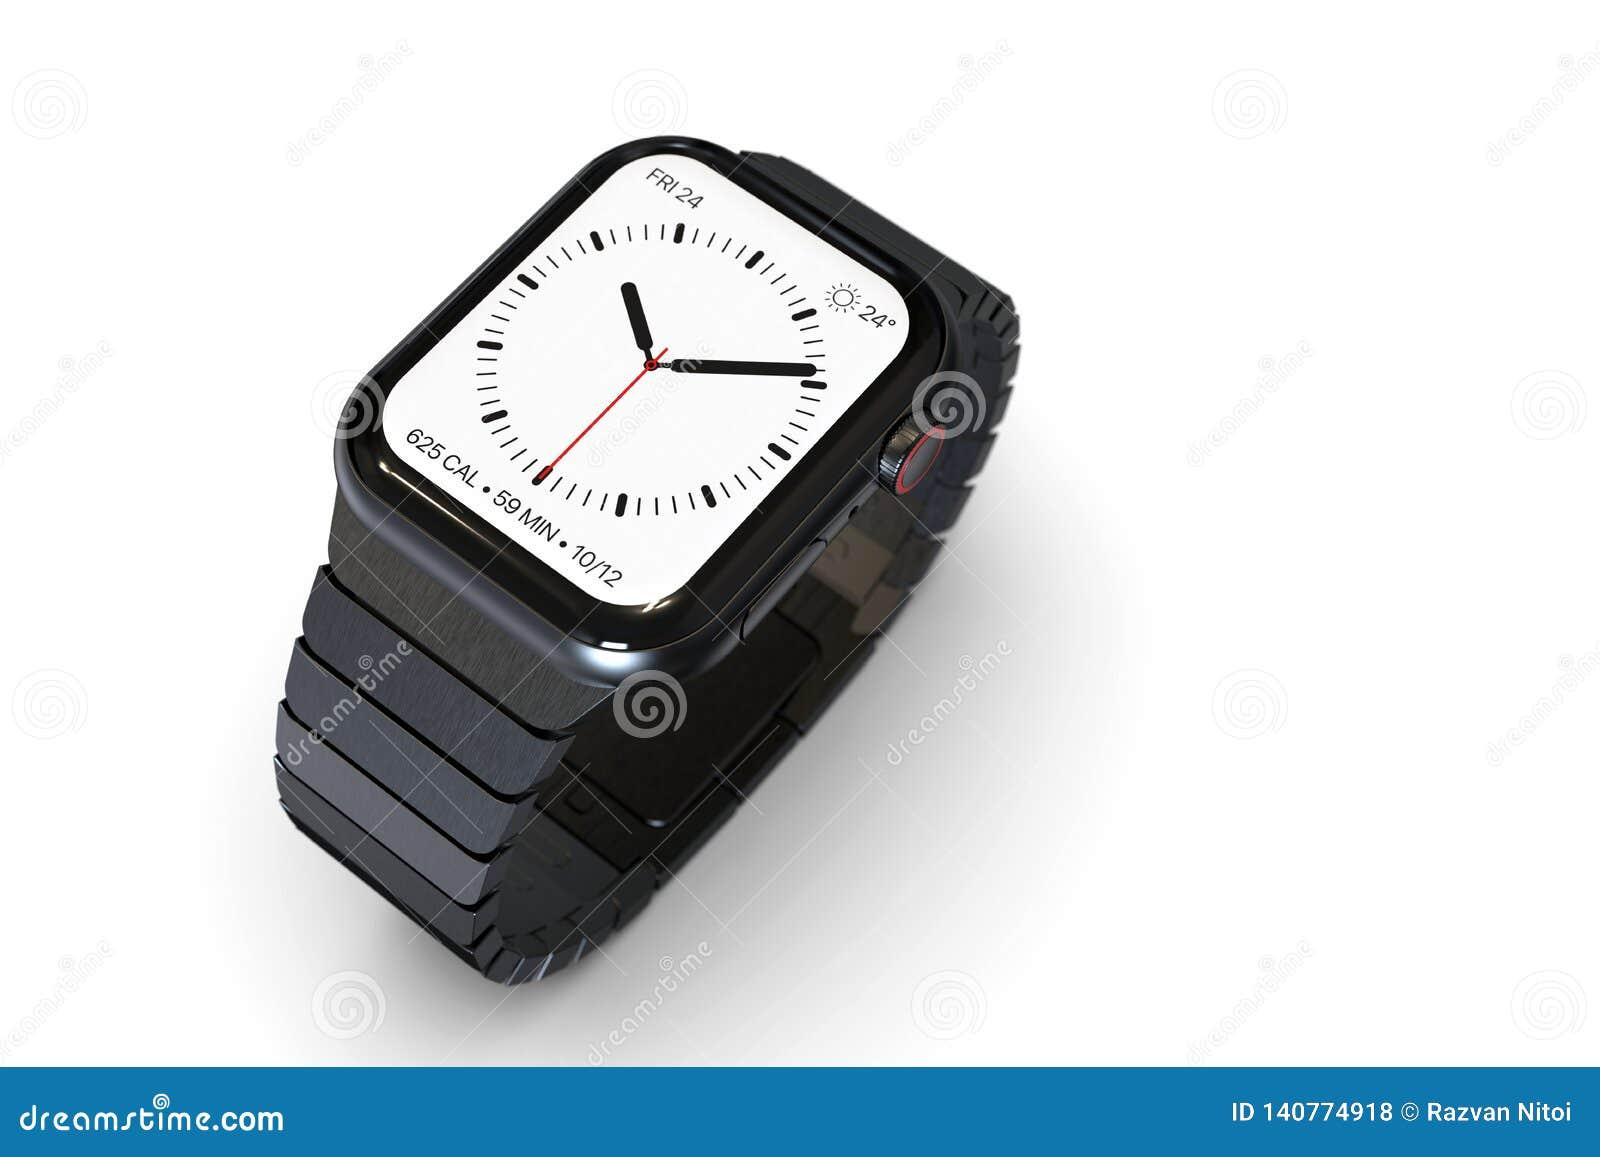 Apple Watch 4 Style Smartwatch Device, Metal Bracelet Stock